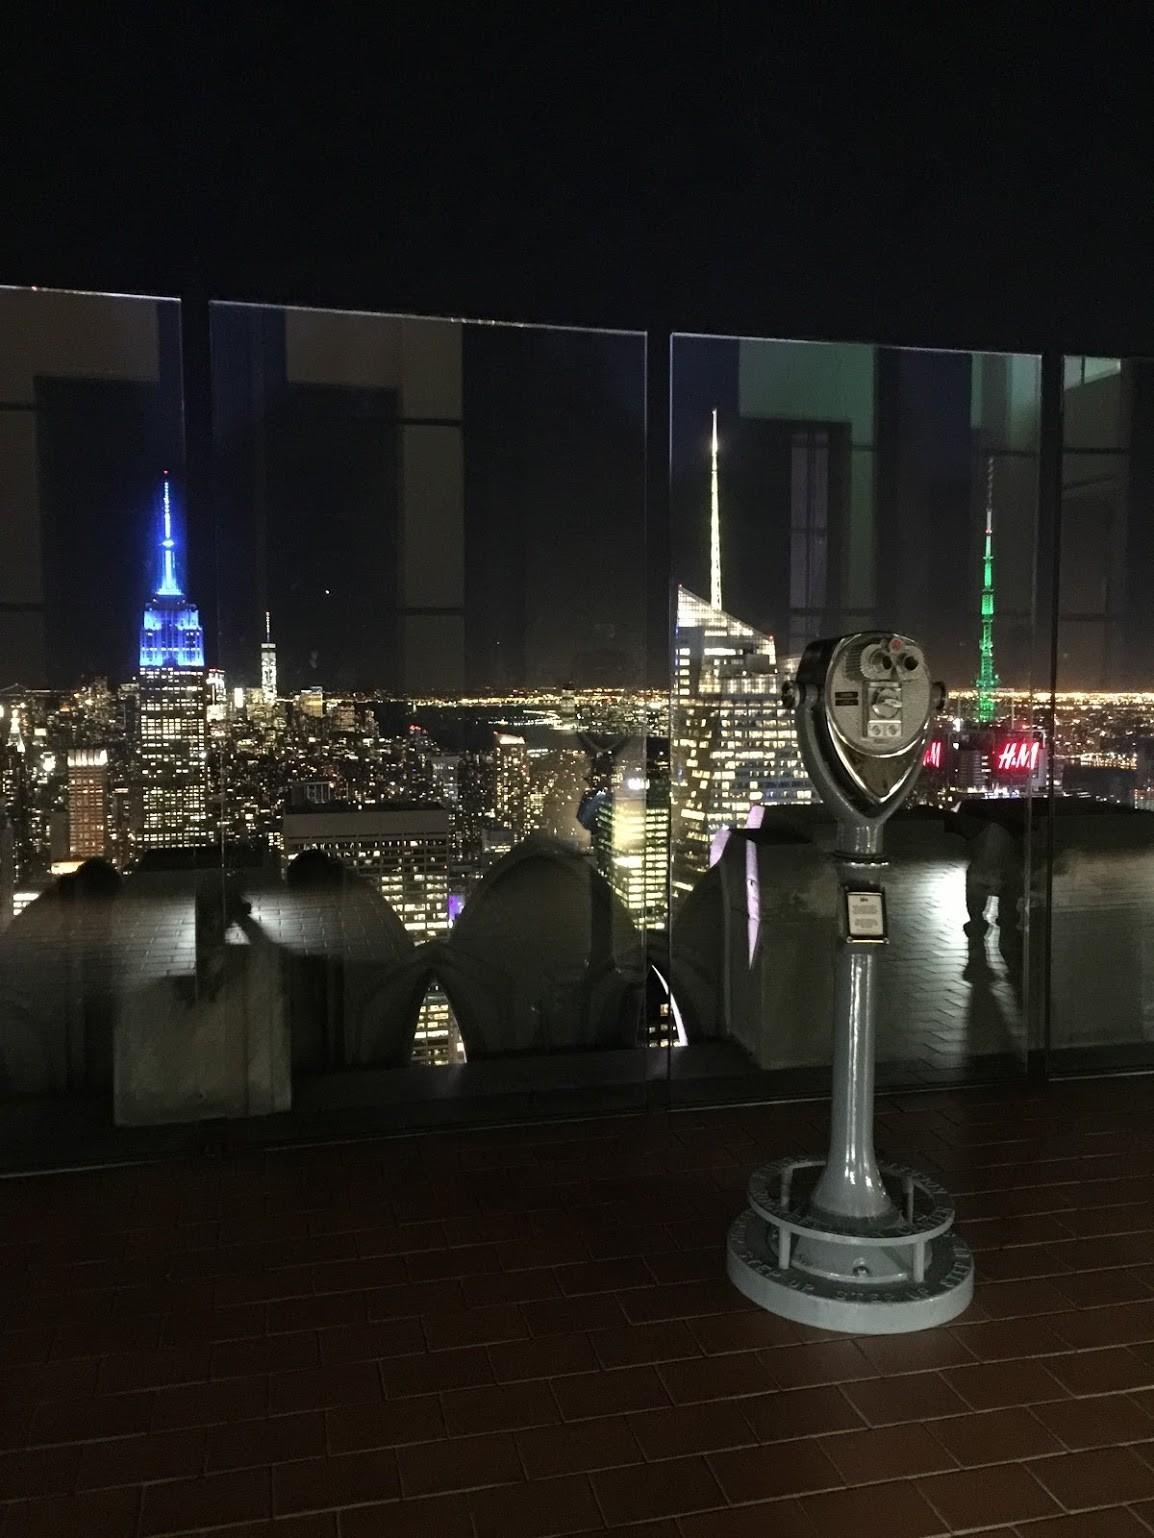 40%オフ!ニューヨークシティパスを使ってお得に観光しよう!